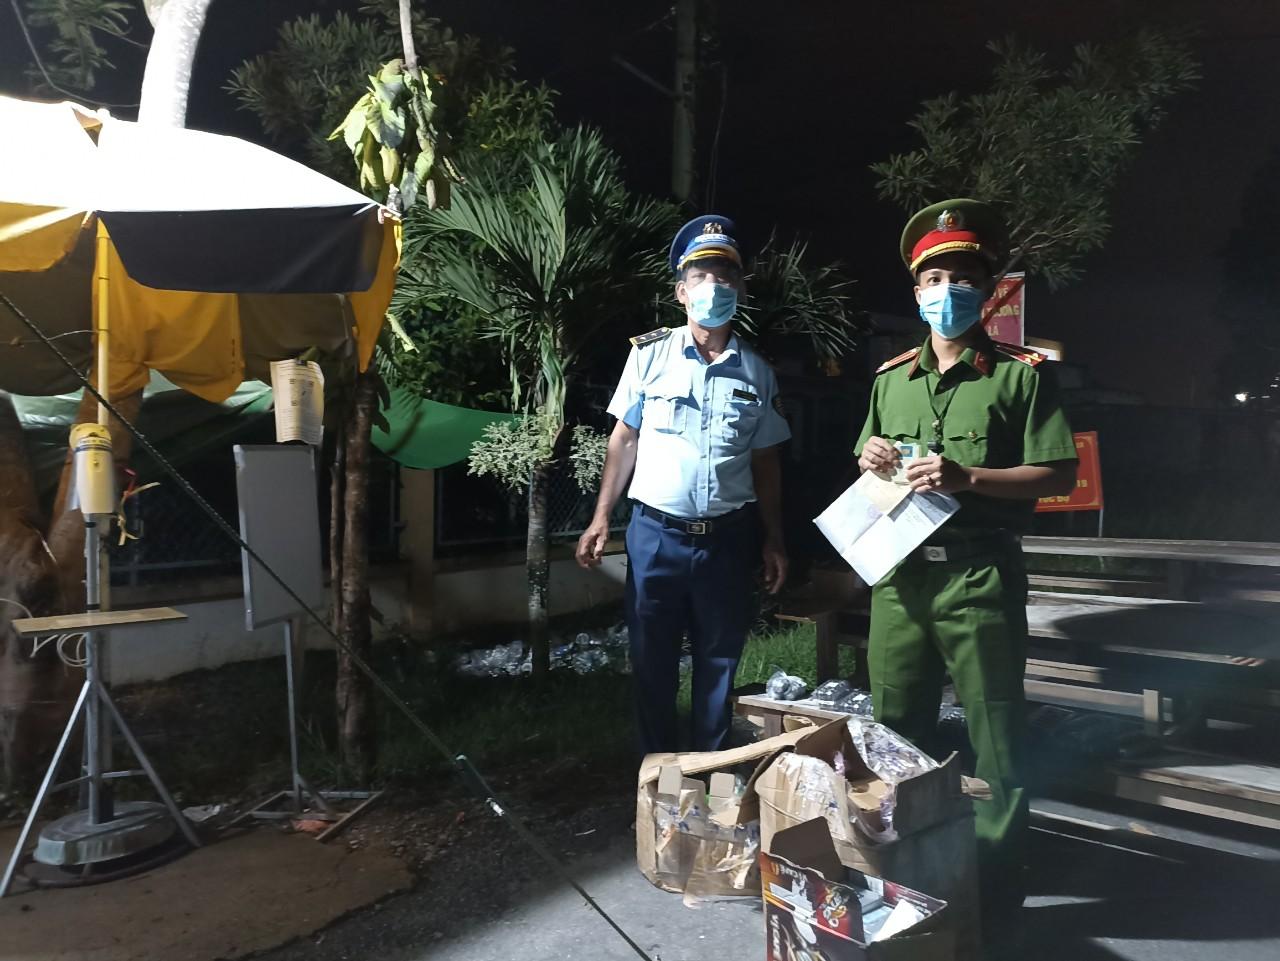 Phát hiện hàng hóa nhập lậu tại huyện Chợ Gạo, tỉnh Tiền Giang